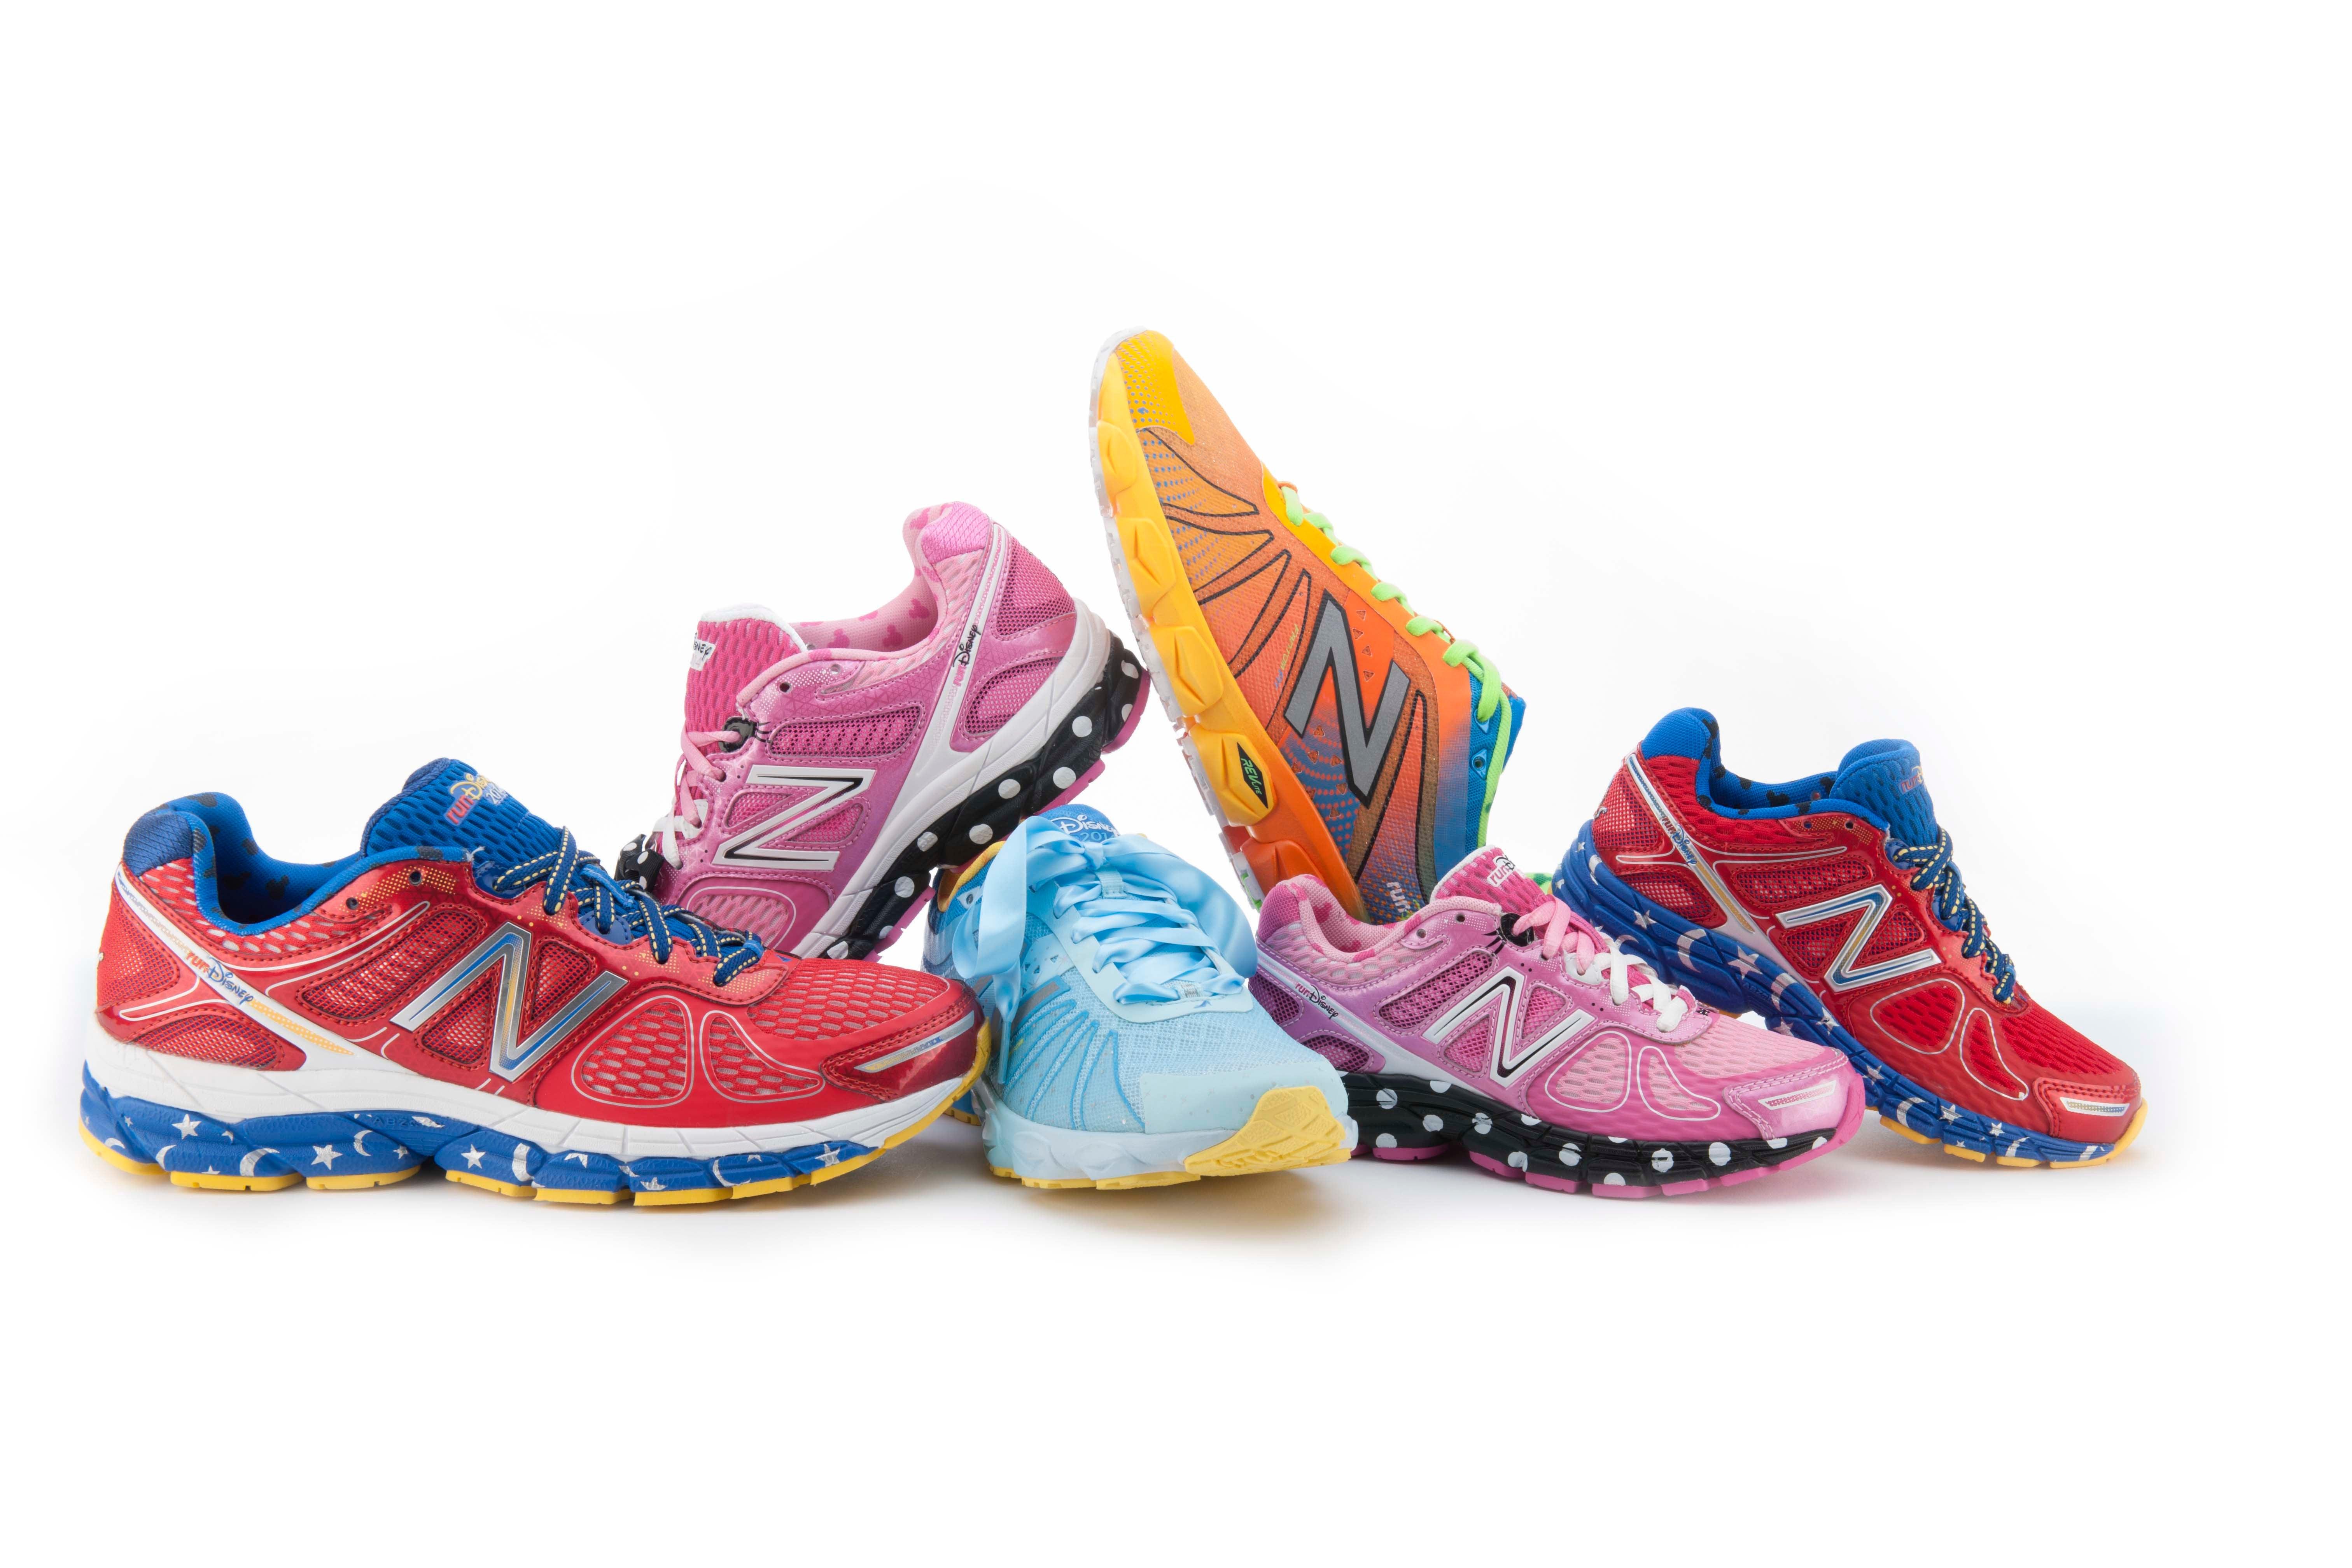 New Balance 2014 runDisney Shoes